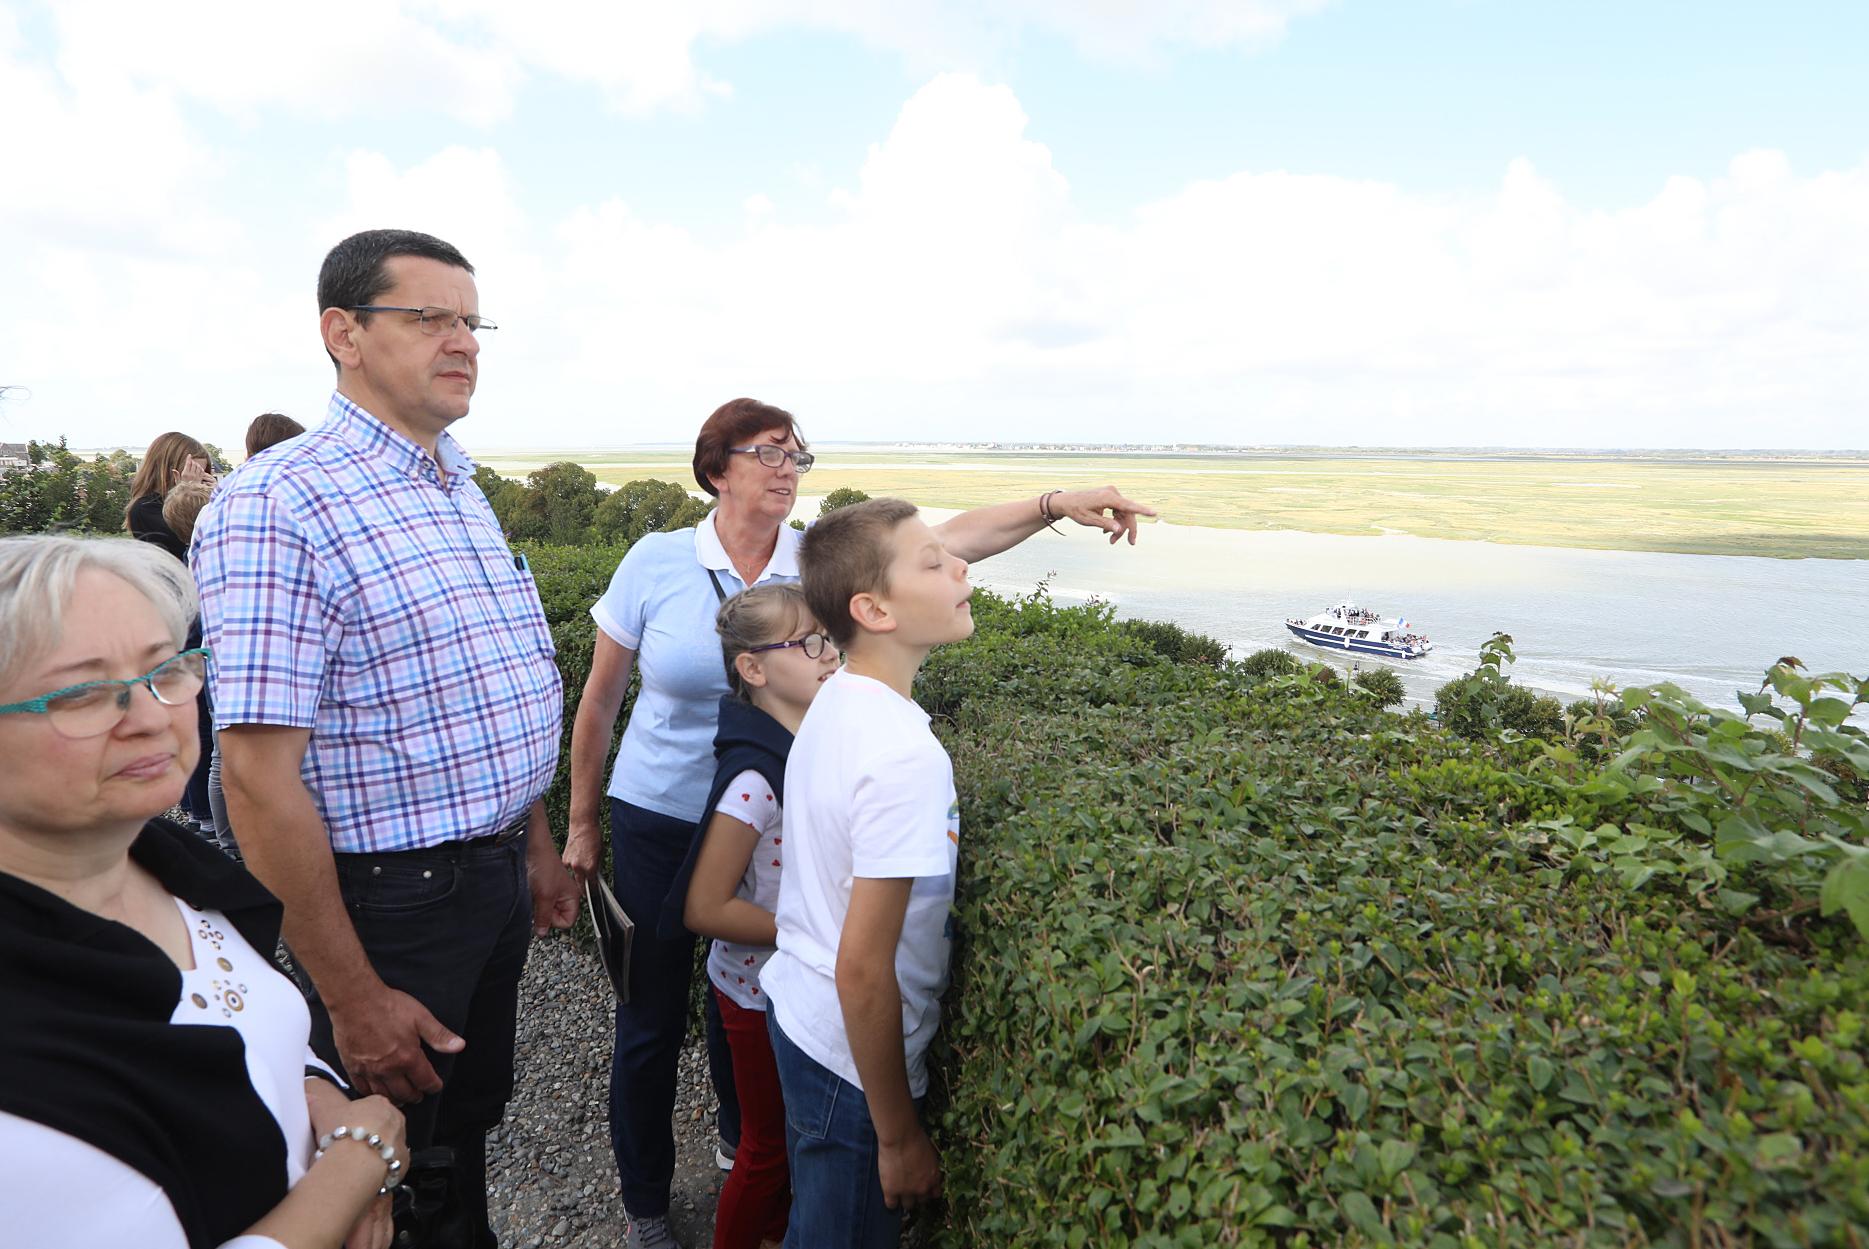 Point de vue du calvaire des marins visite guidée quartier des marins saint valery sur somme en baie